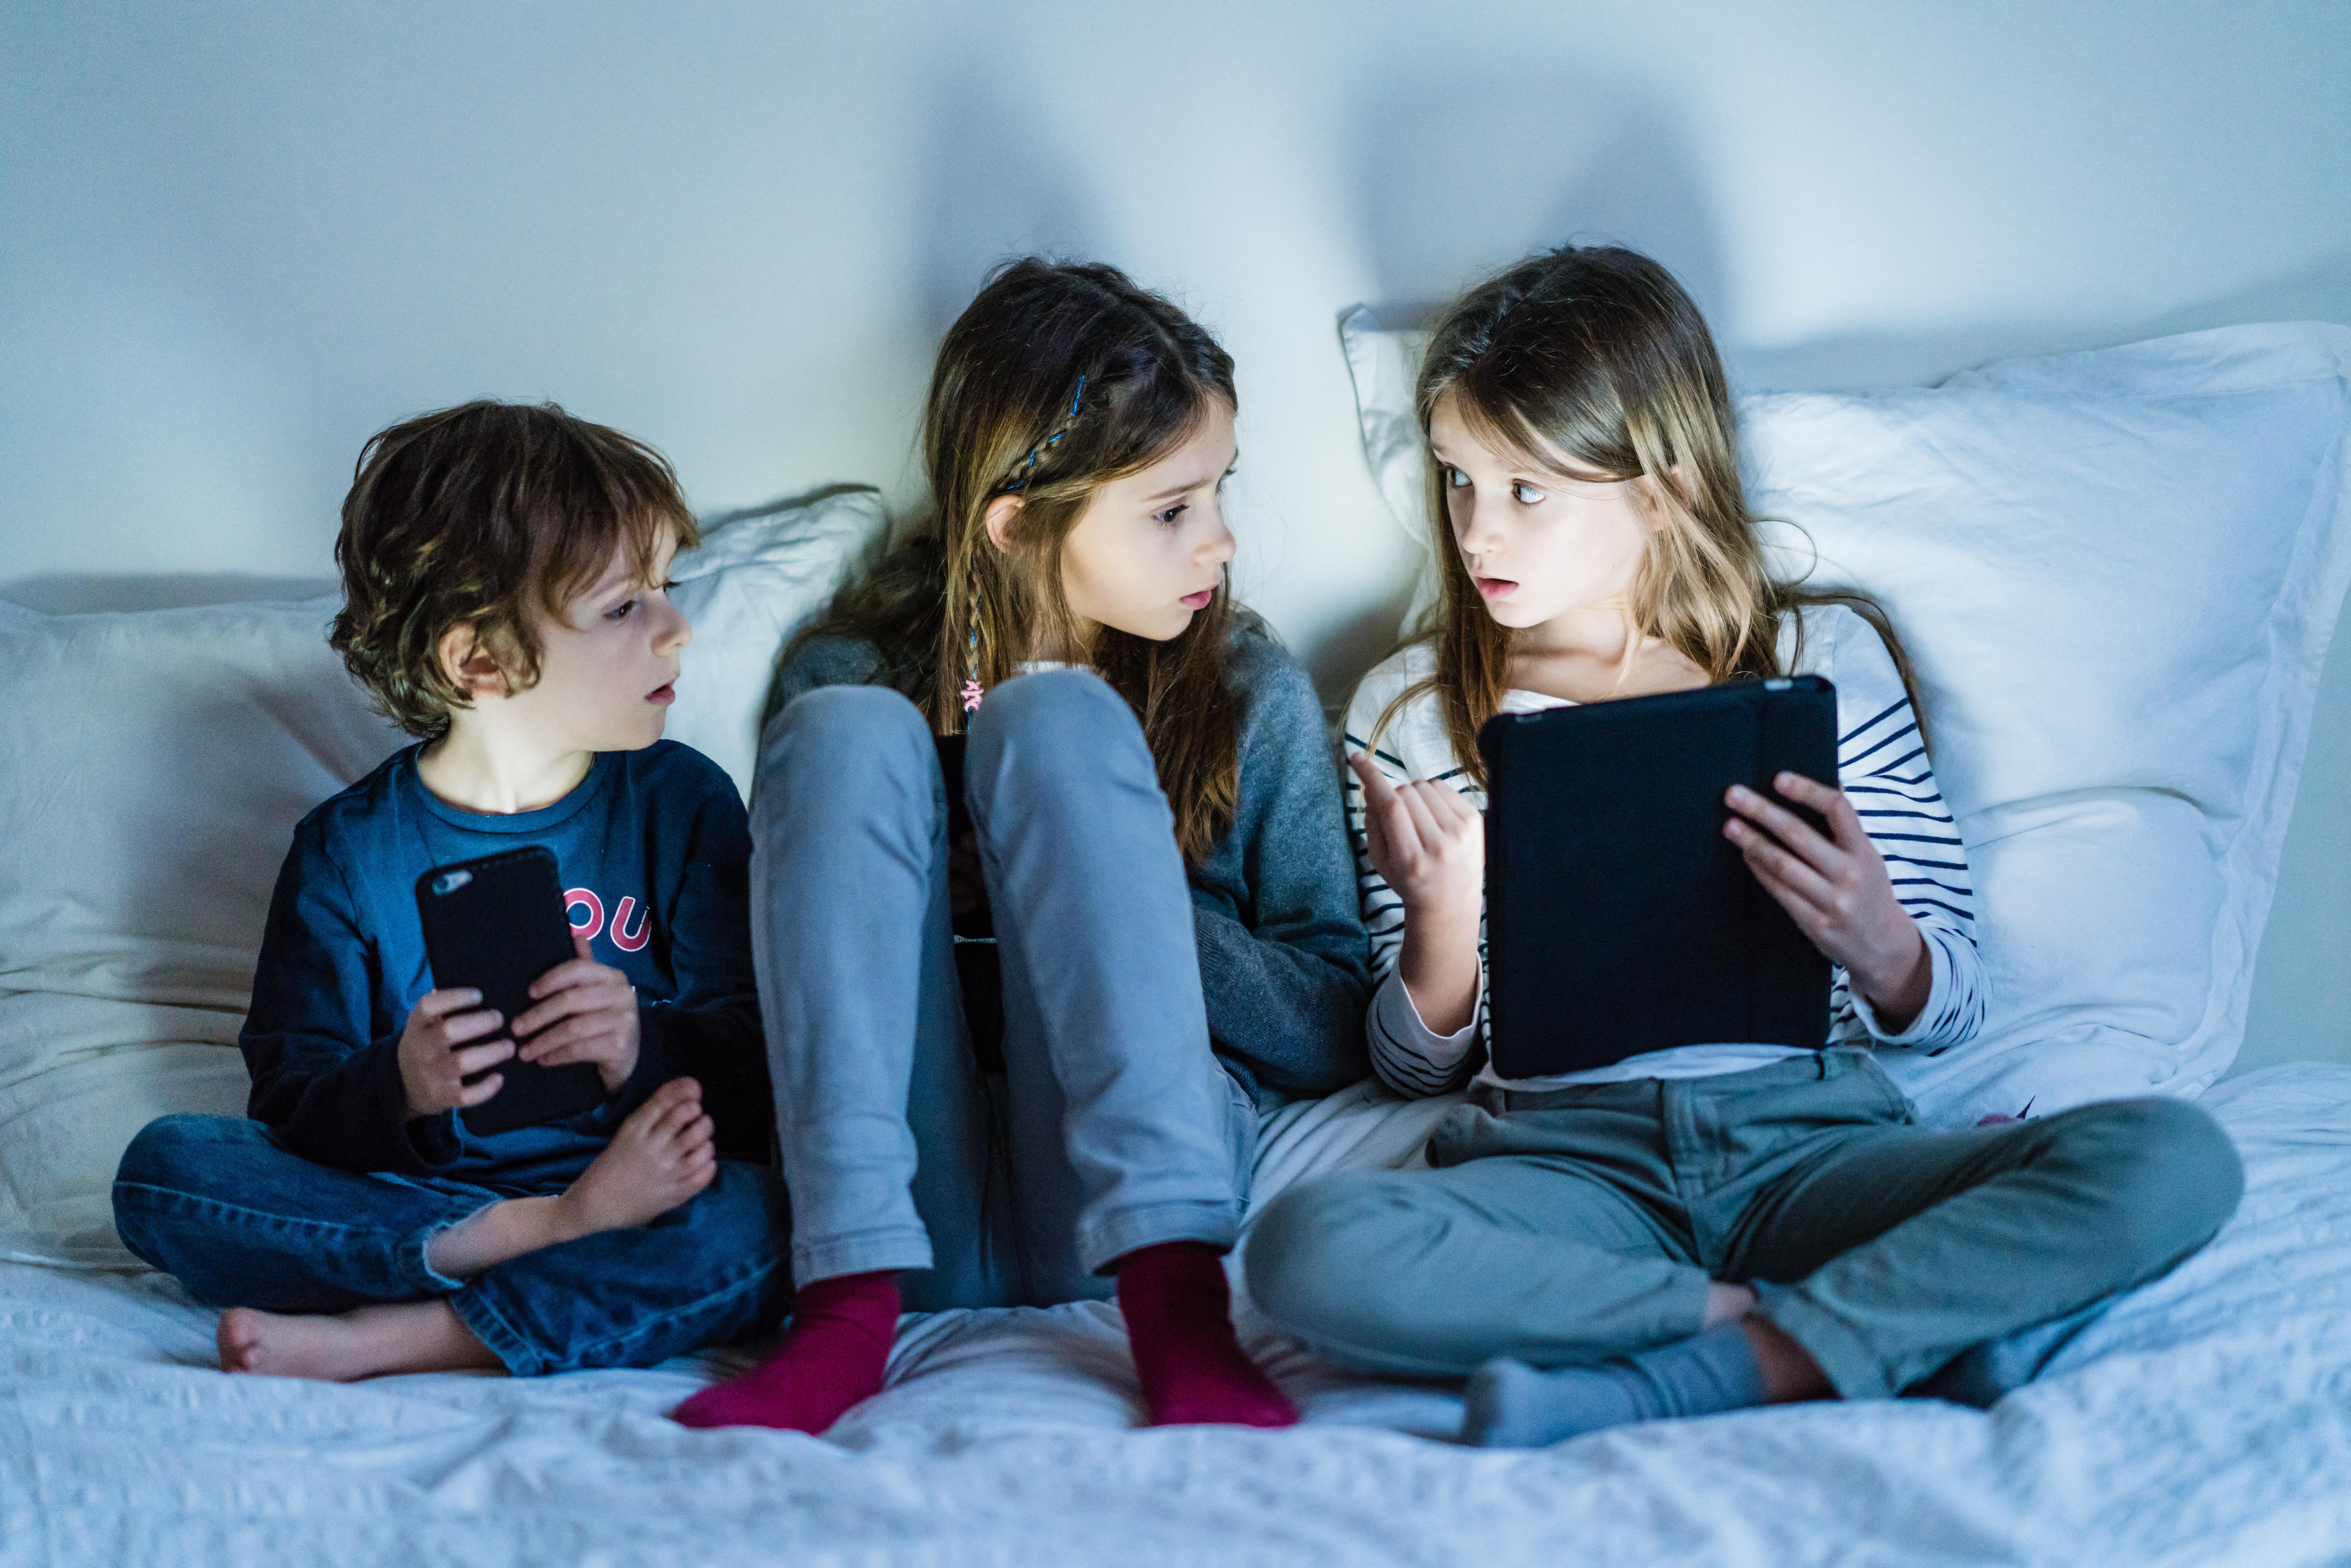 Már 3 éves kor alatt okostelefonozik a magyar gyerekek közel fele